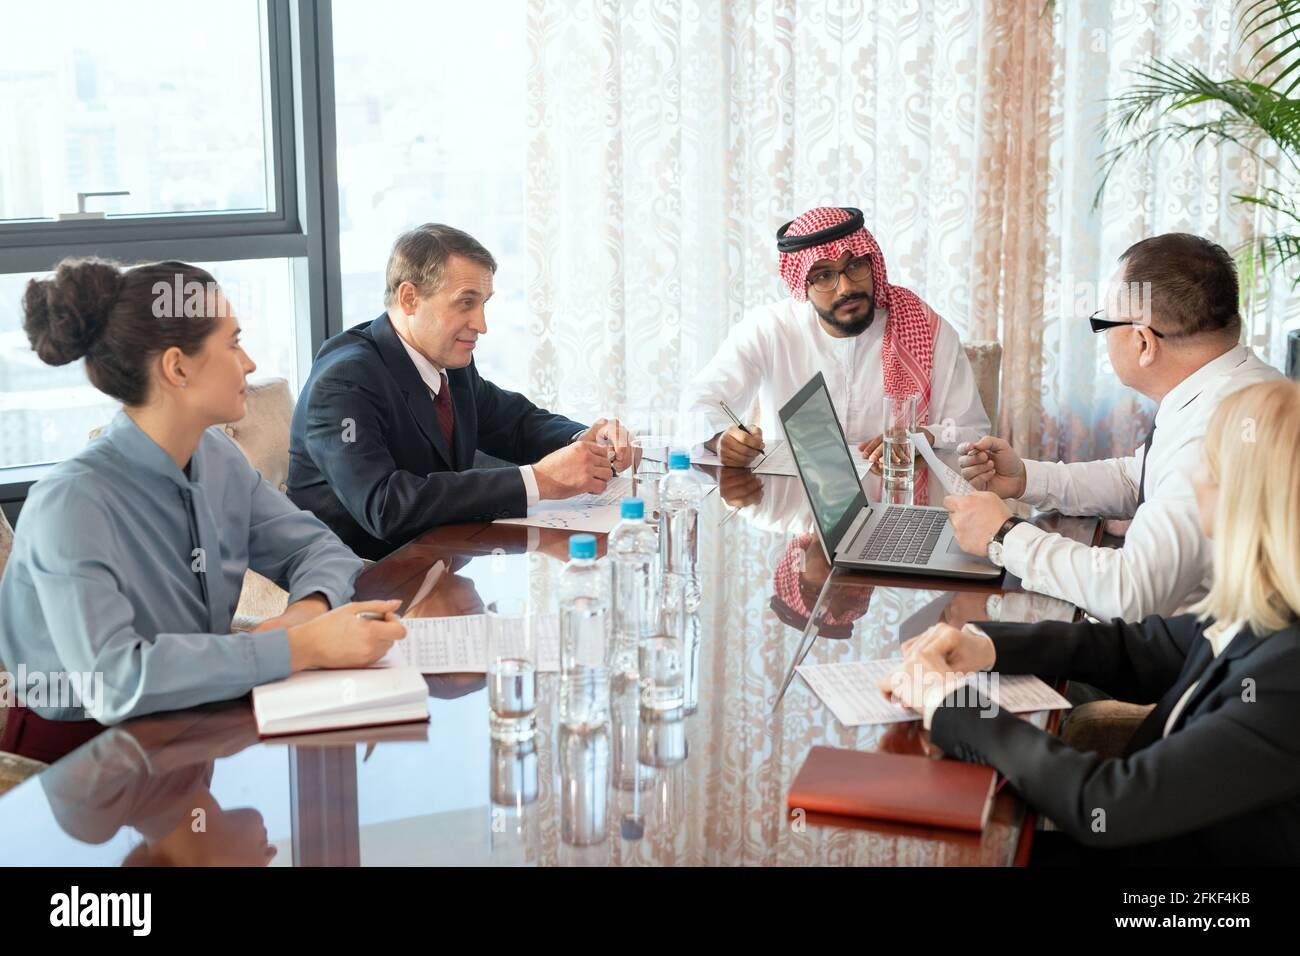 Eine Gruppe von Delegierten oder Geschäftsleuten, die an einem Tisch sitzen Während des Meetings Stockfoto